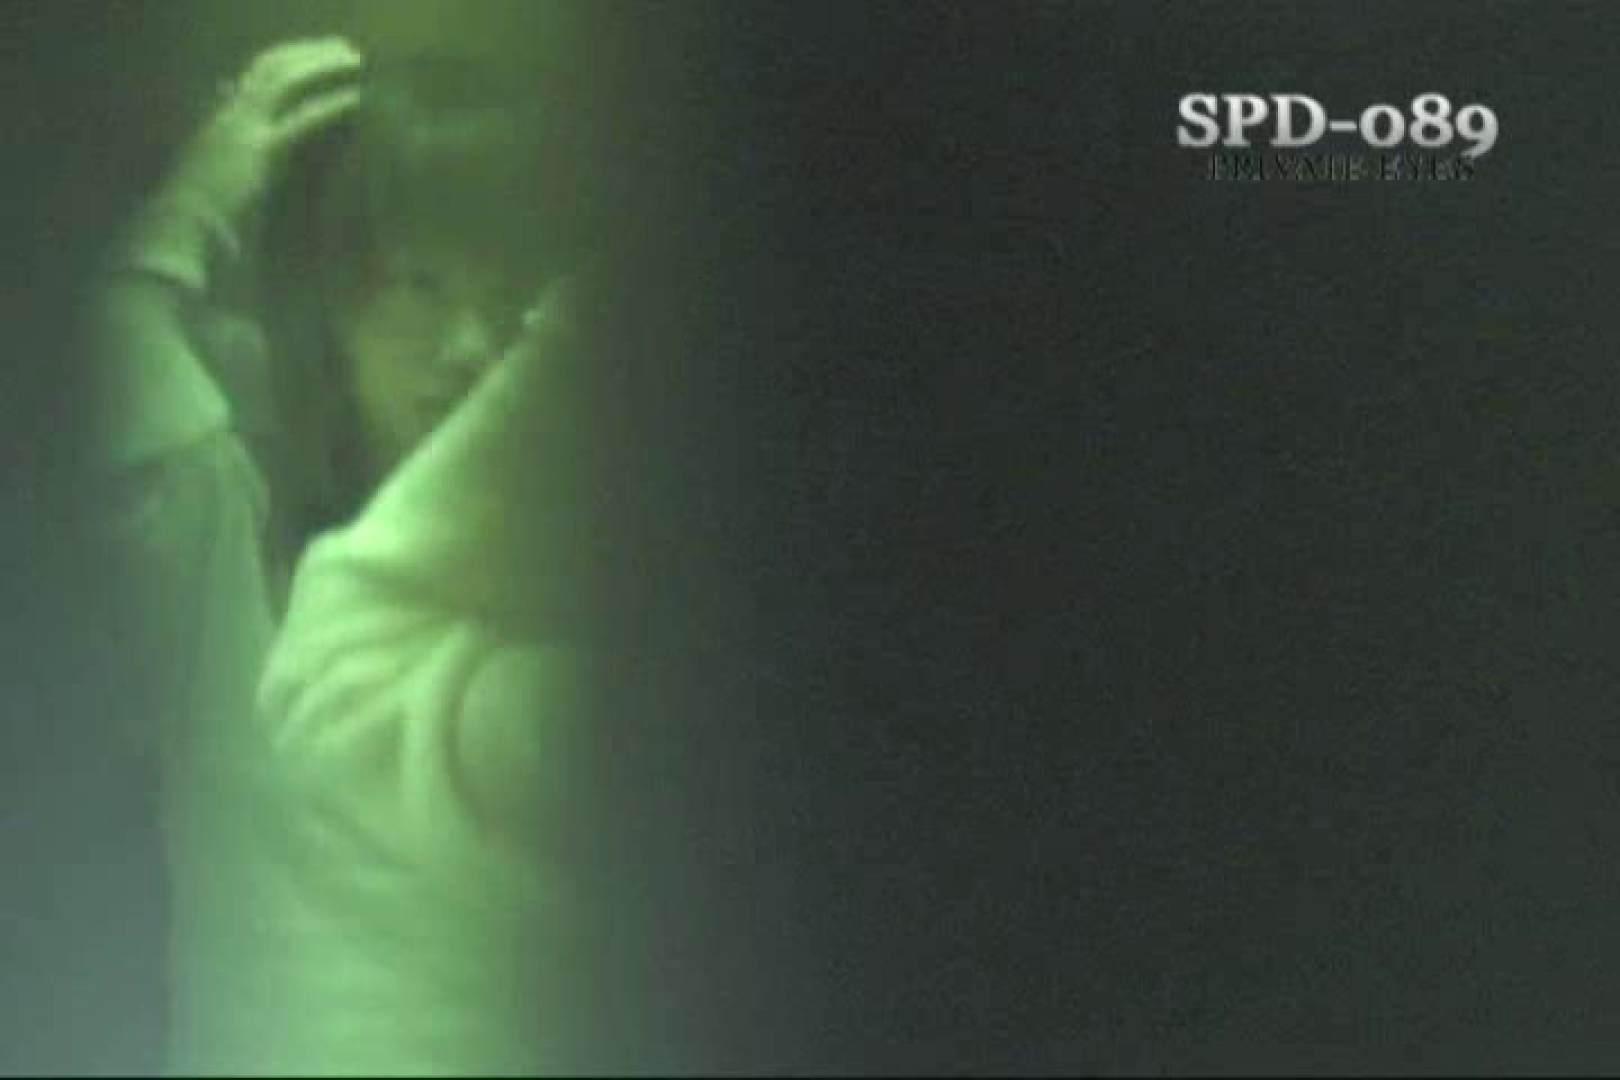 高画質版!SPD-089 厠の隙間 4 厠 | 名作  58pic 22